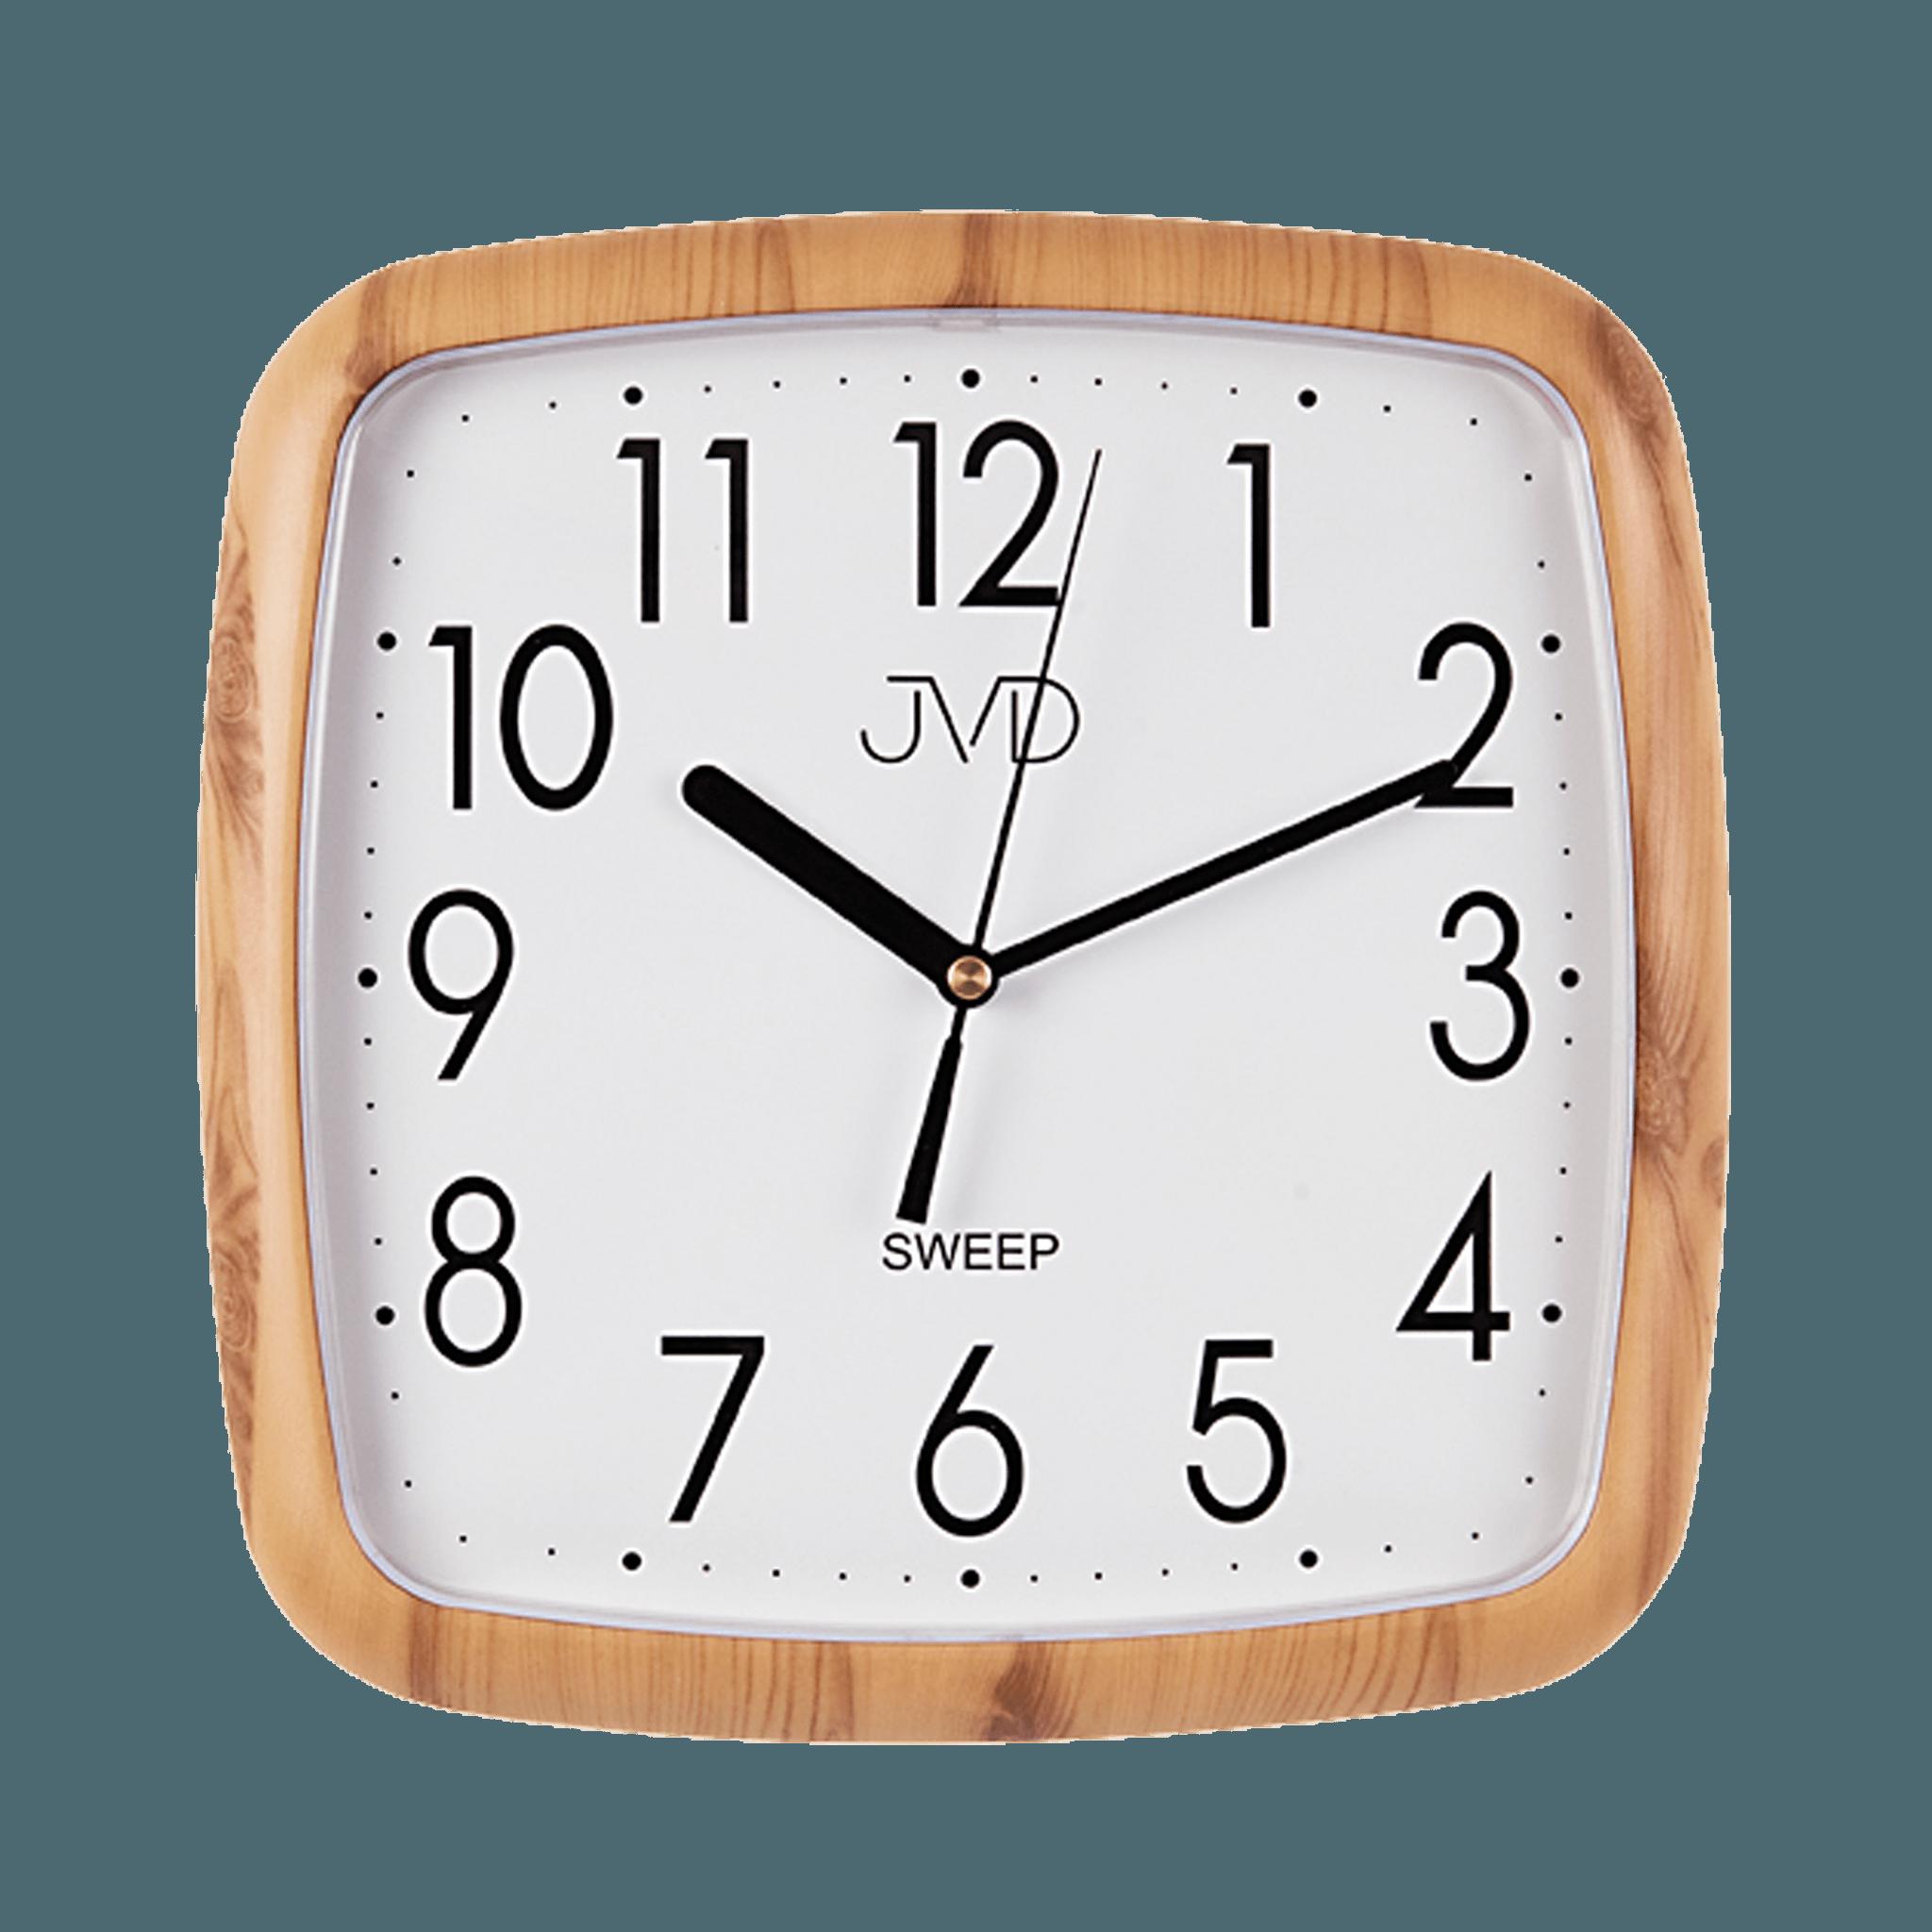 Hranaté nástěnné hodiny JVD quartz H615.3 imitace dřeva - světlé (sweep - plynulý chod - netikající hodiny)